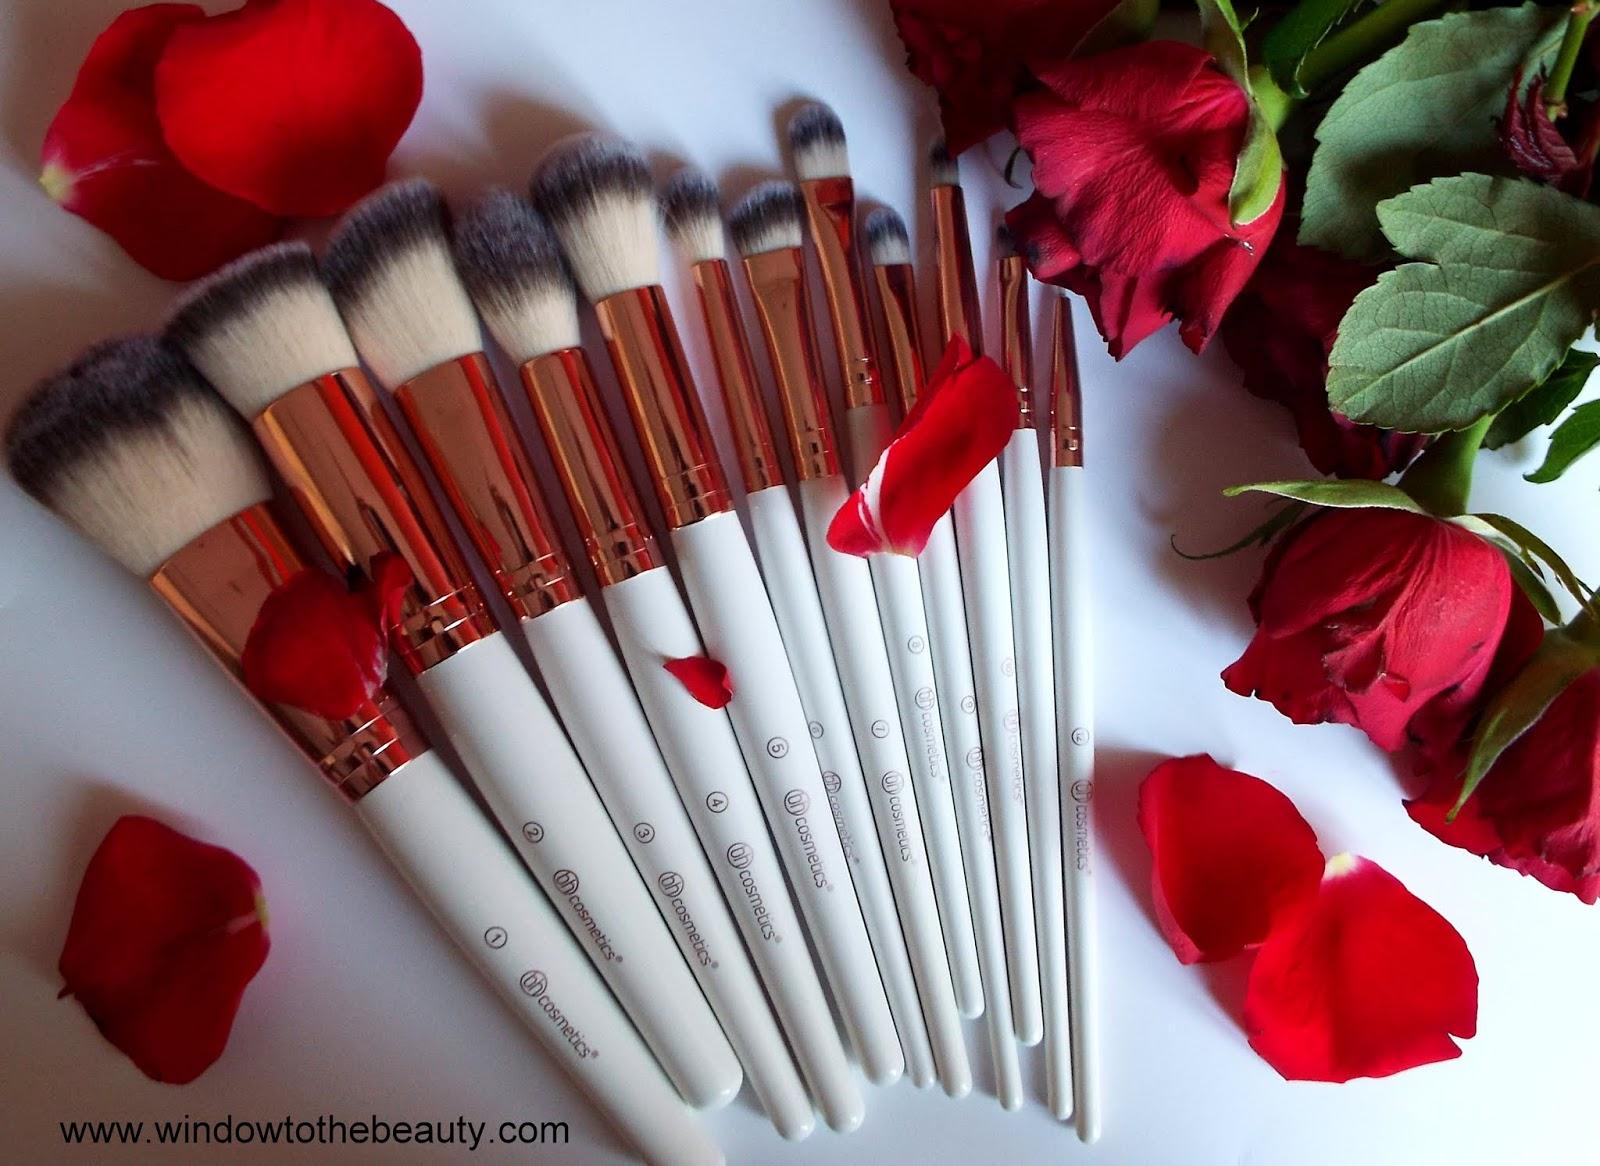 Rose Romance 12 Piece Brush Set by BH Cosmetics #16